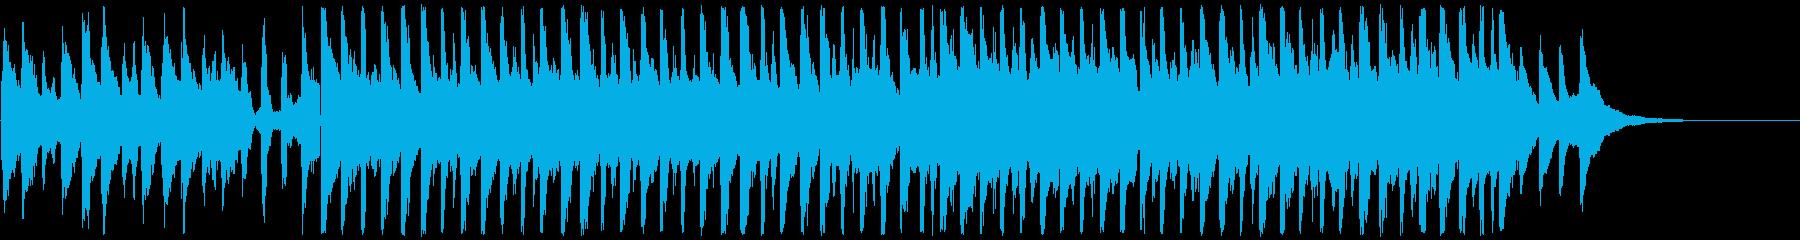 【30秒版】アップテンポなコンセプトムーの再生済みの波形